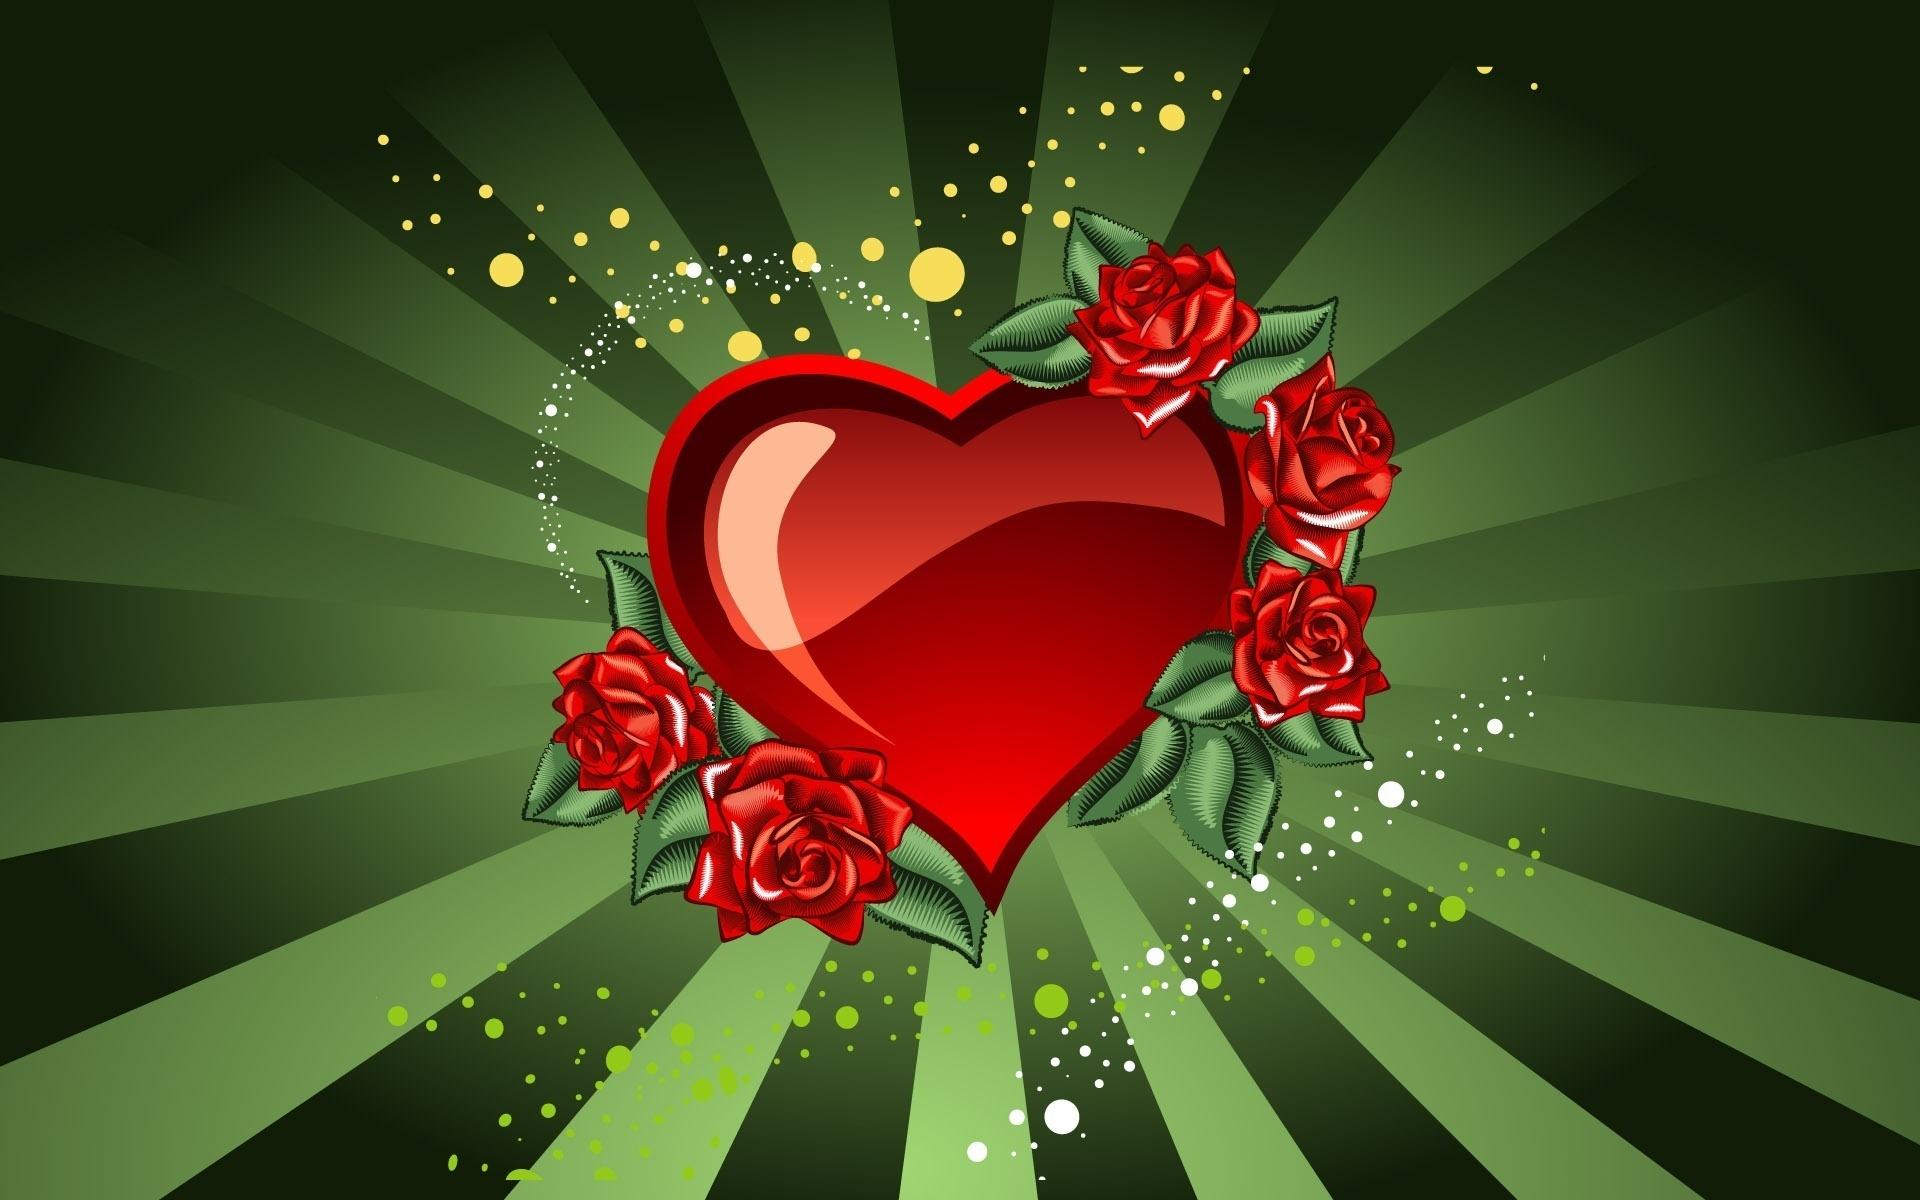 Оксане, с днем любящих сердец открытки